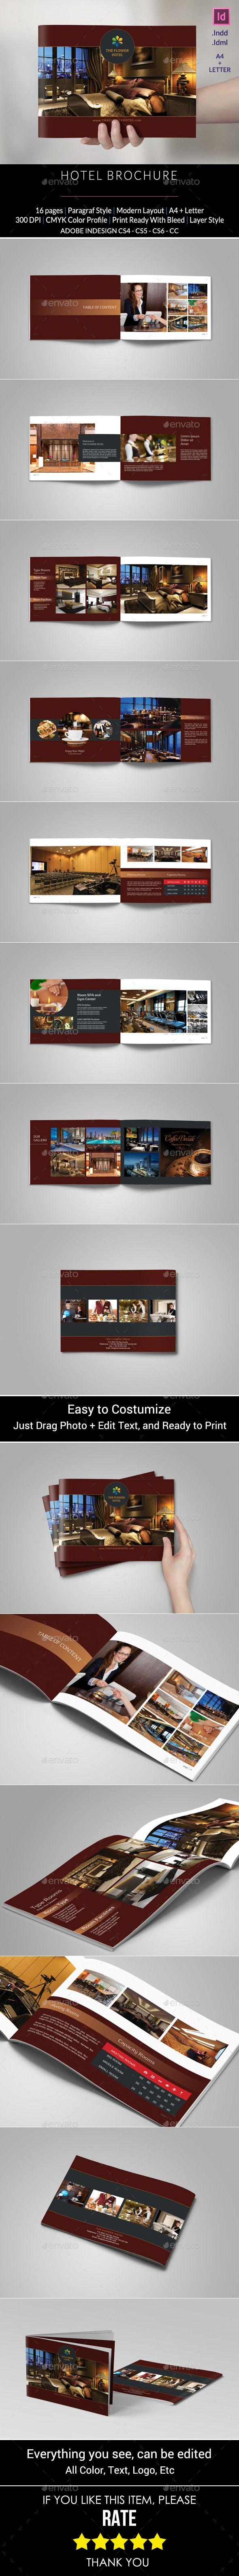 Hotel Brochure | Designs, Broschüren und Flyer